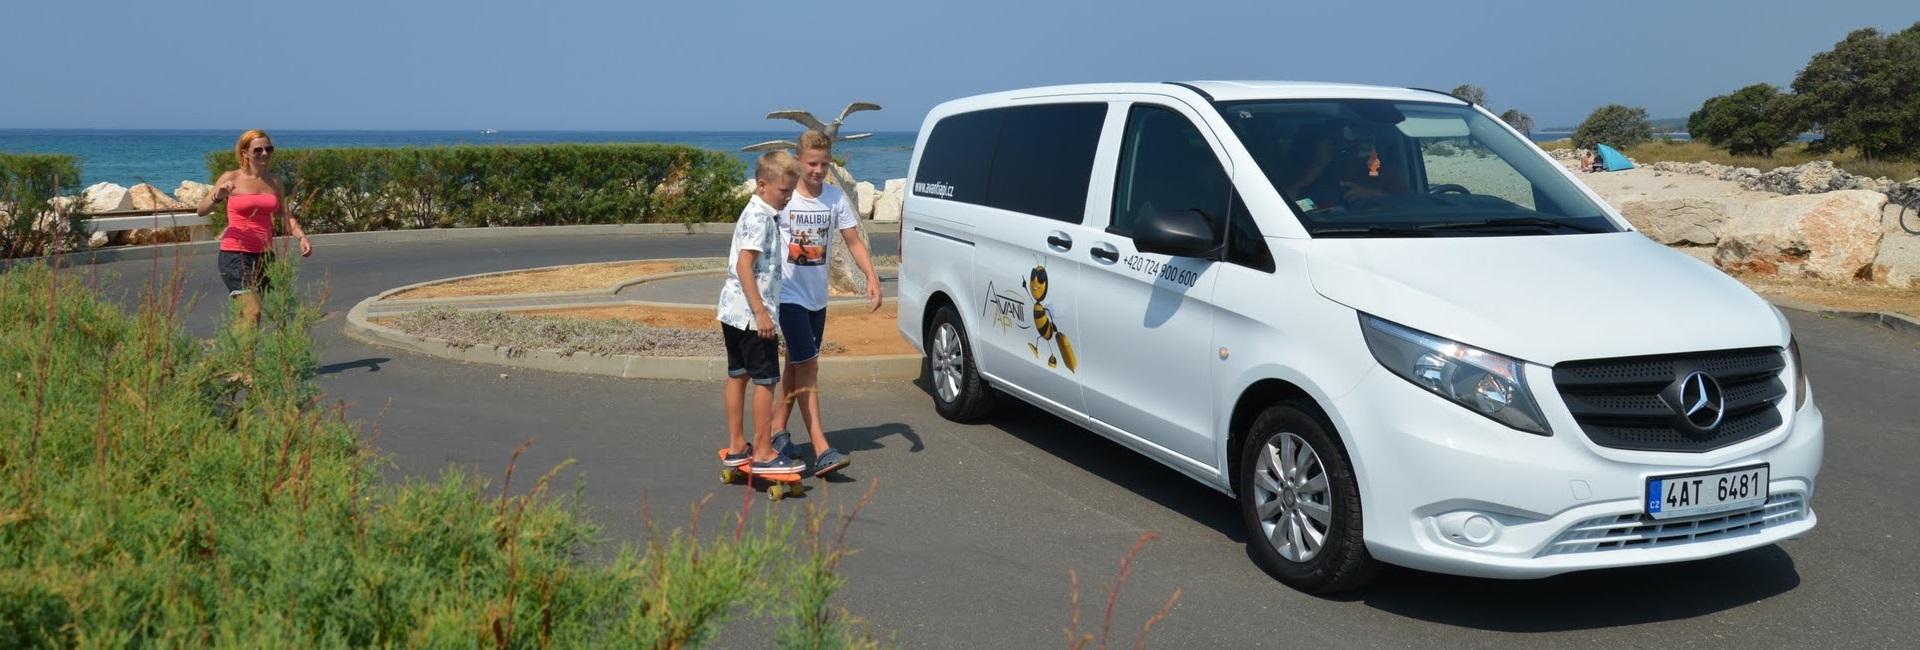 8-místní vozidlo pro Vaši dovolenou